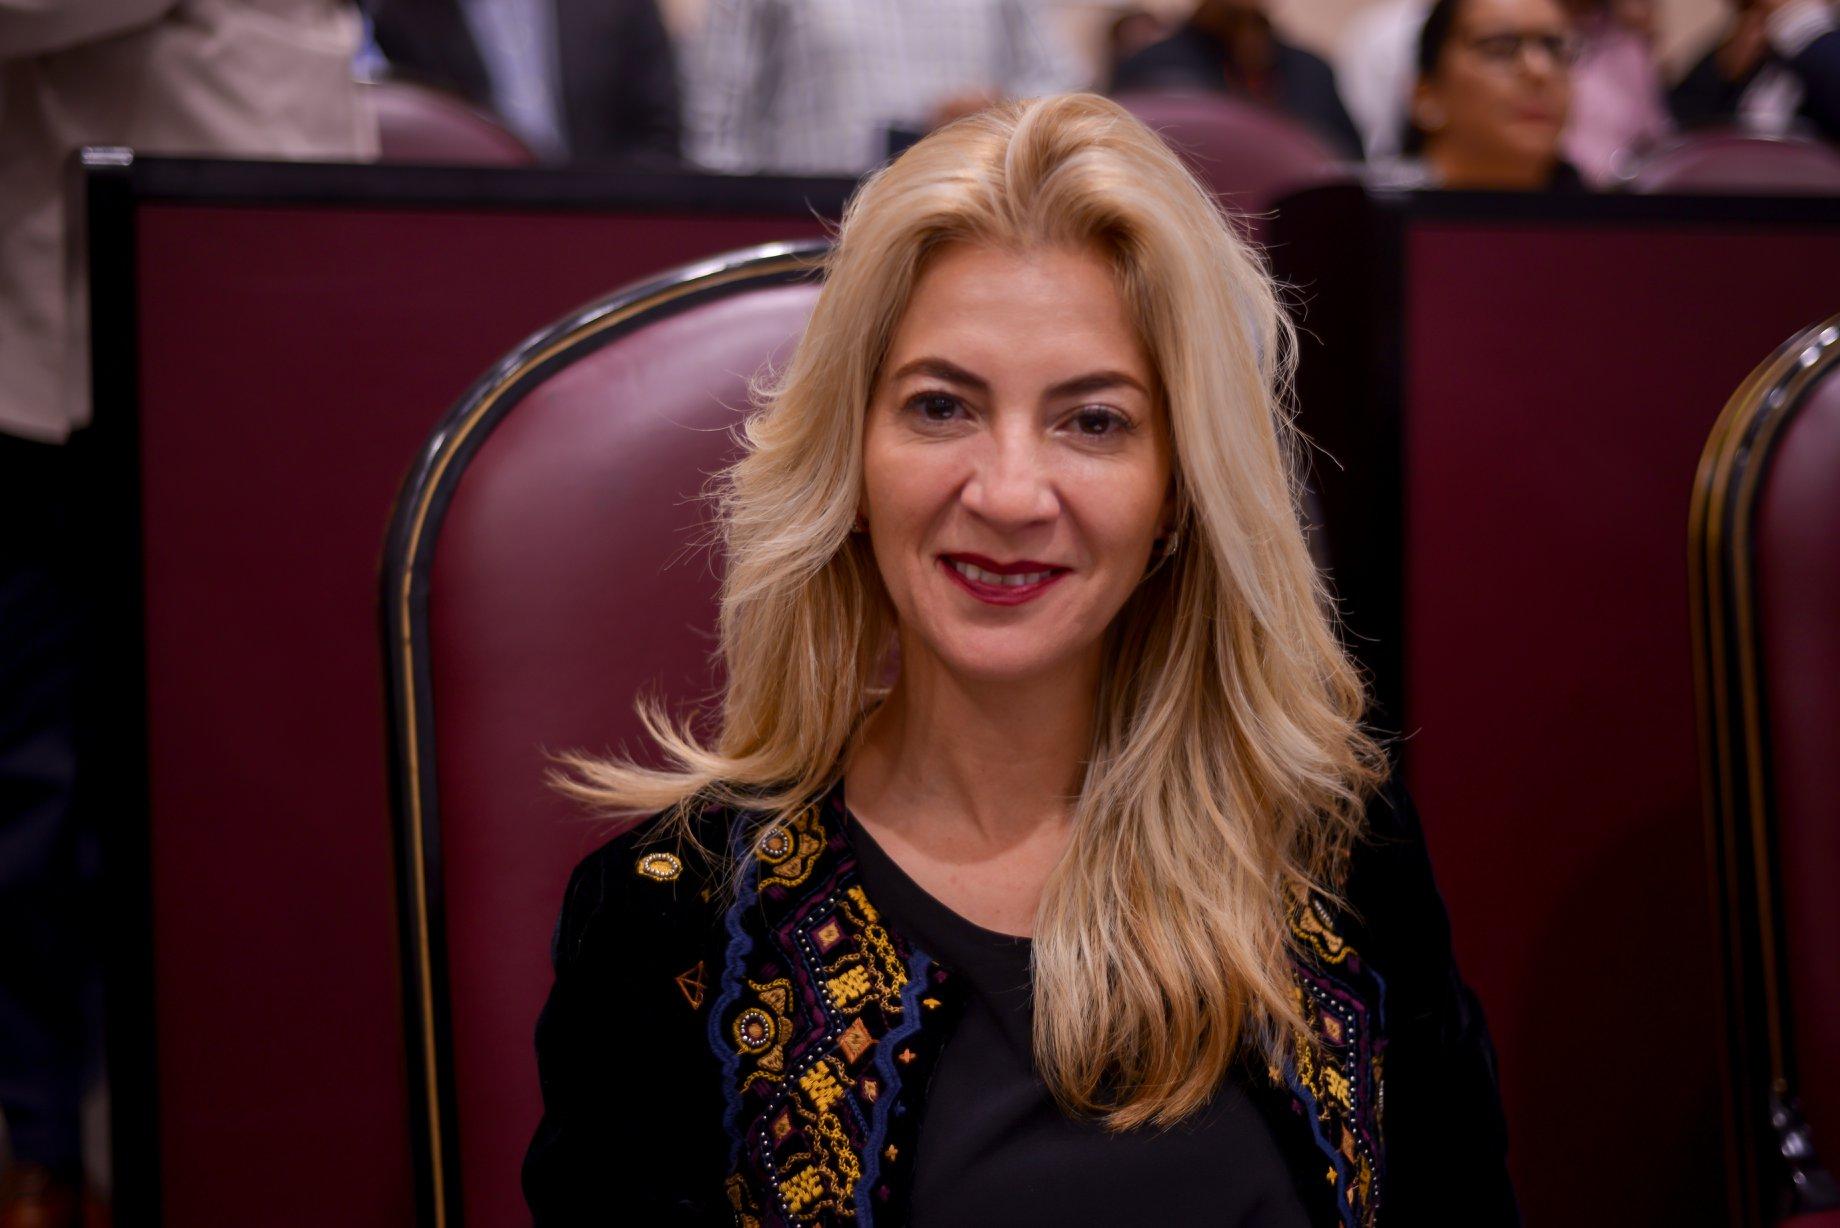 Diputada propone toque de queda a mujeres para prevenir feminicidios 🤦♀